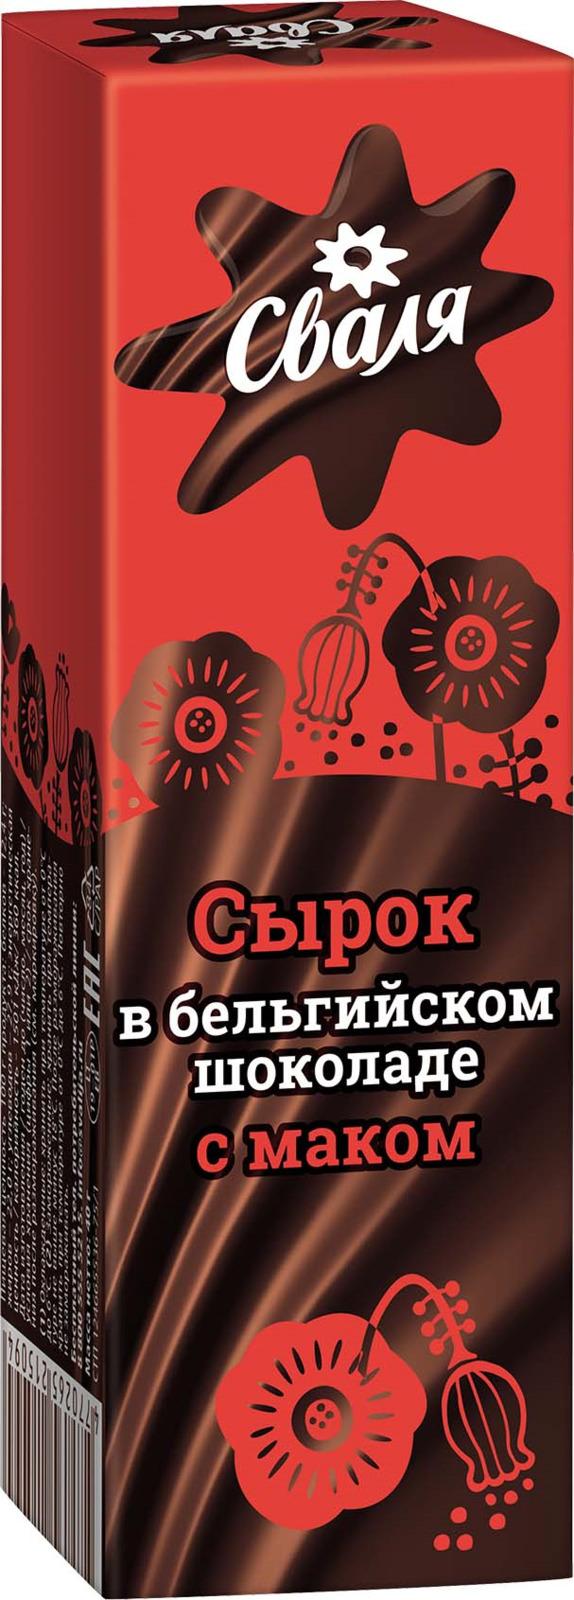 Фото - Сырок Сваля, творожный, глазированный, в бельгийском шоколаде, с маком, 22%, 40 г молочные продукты